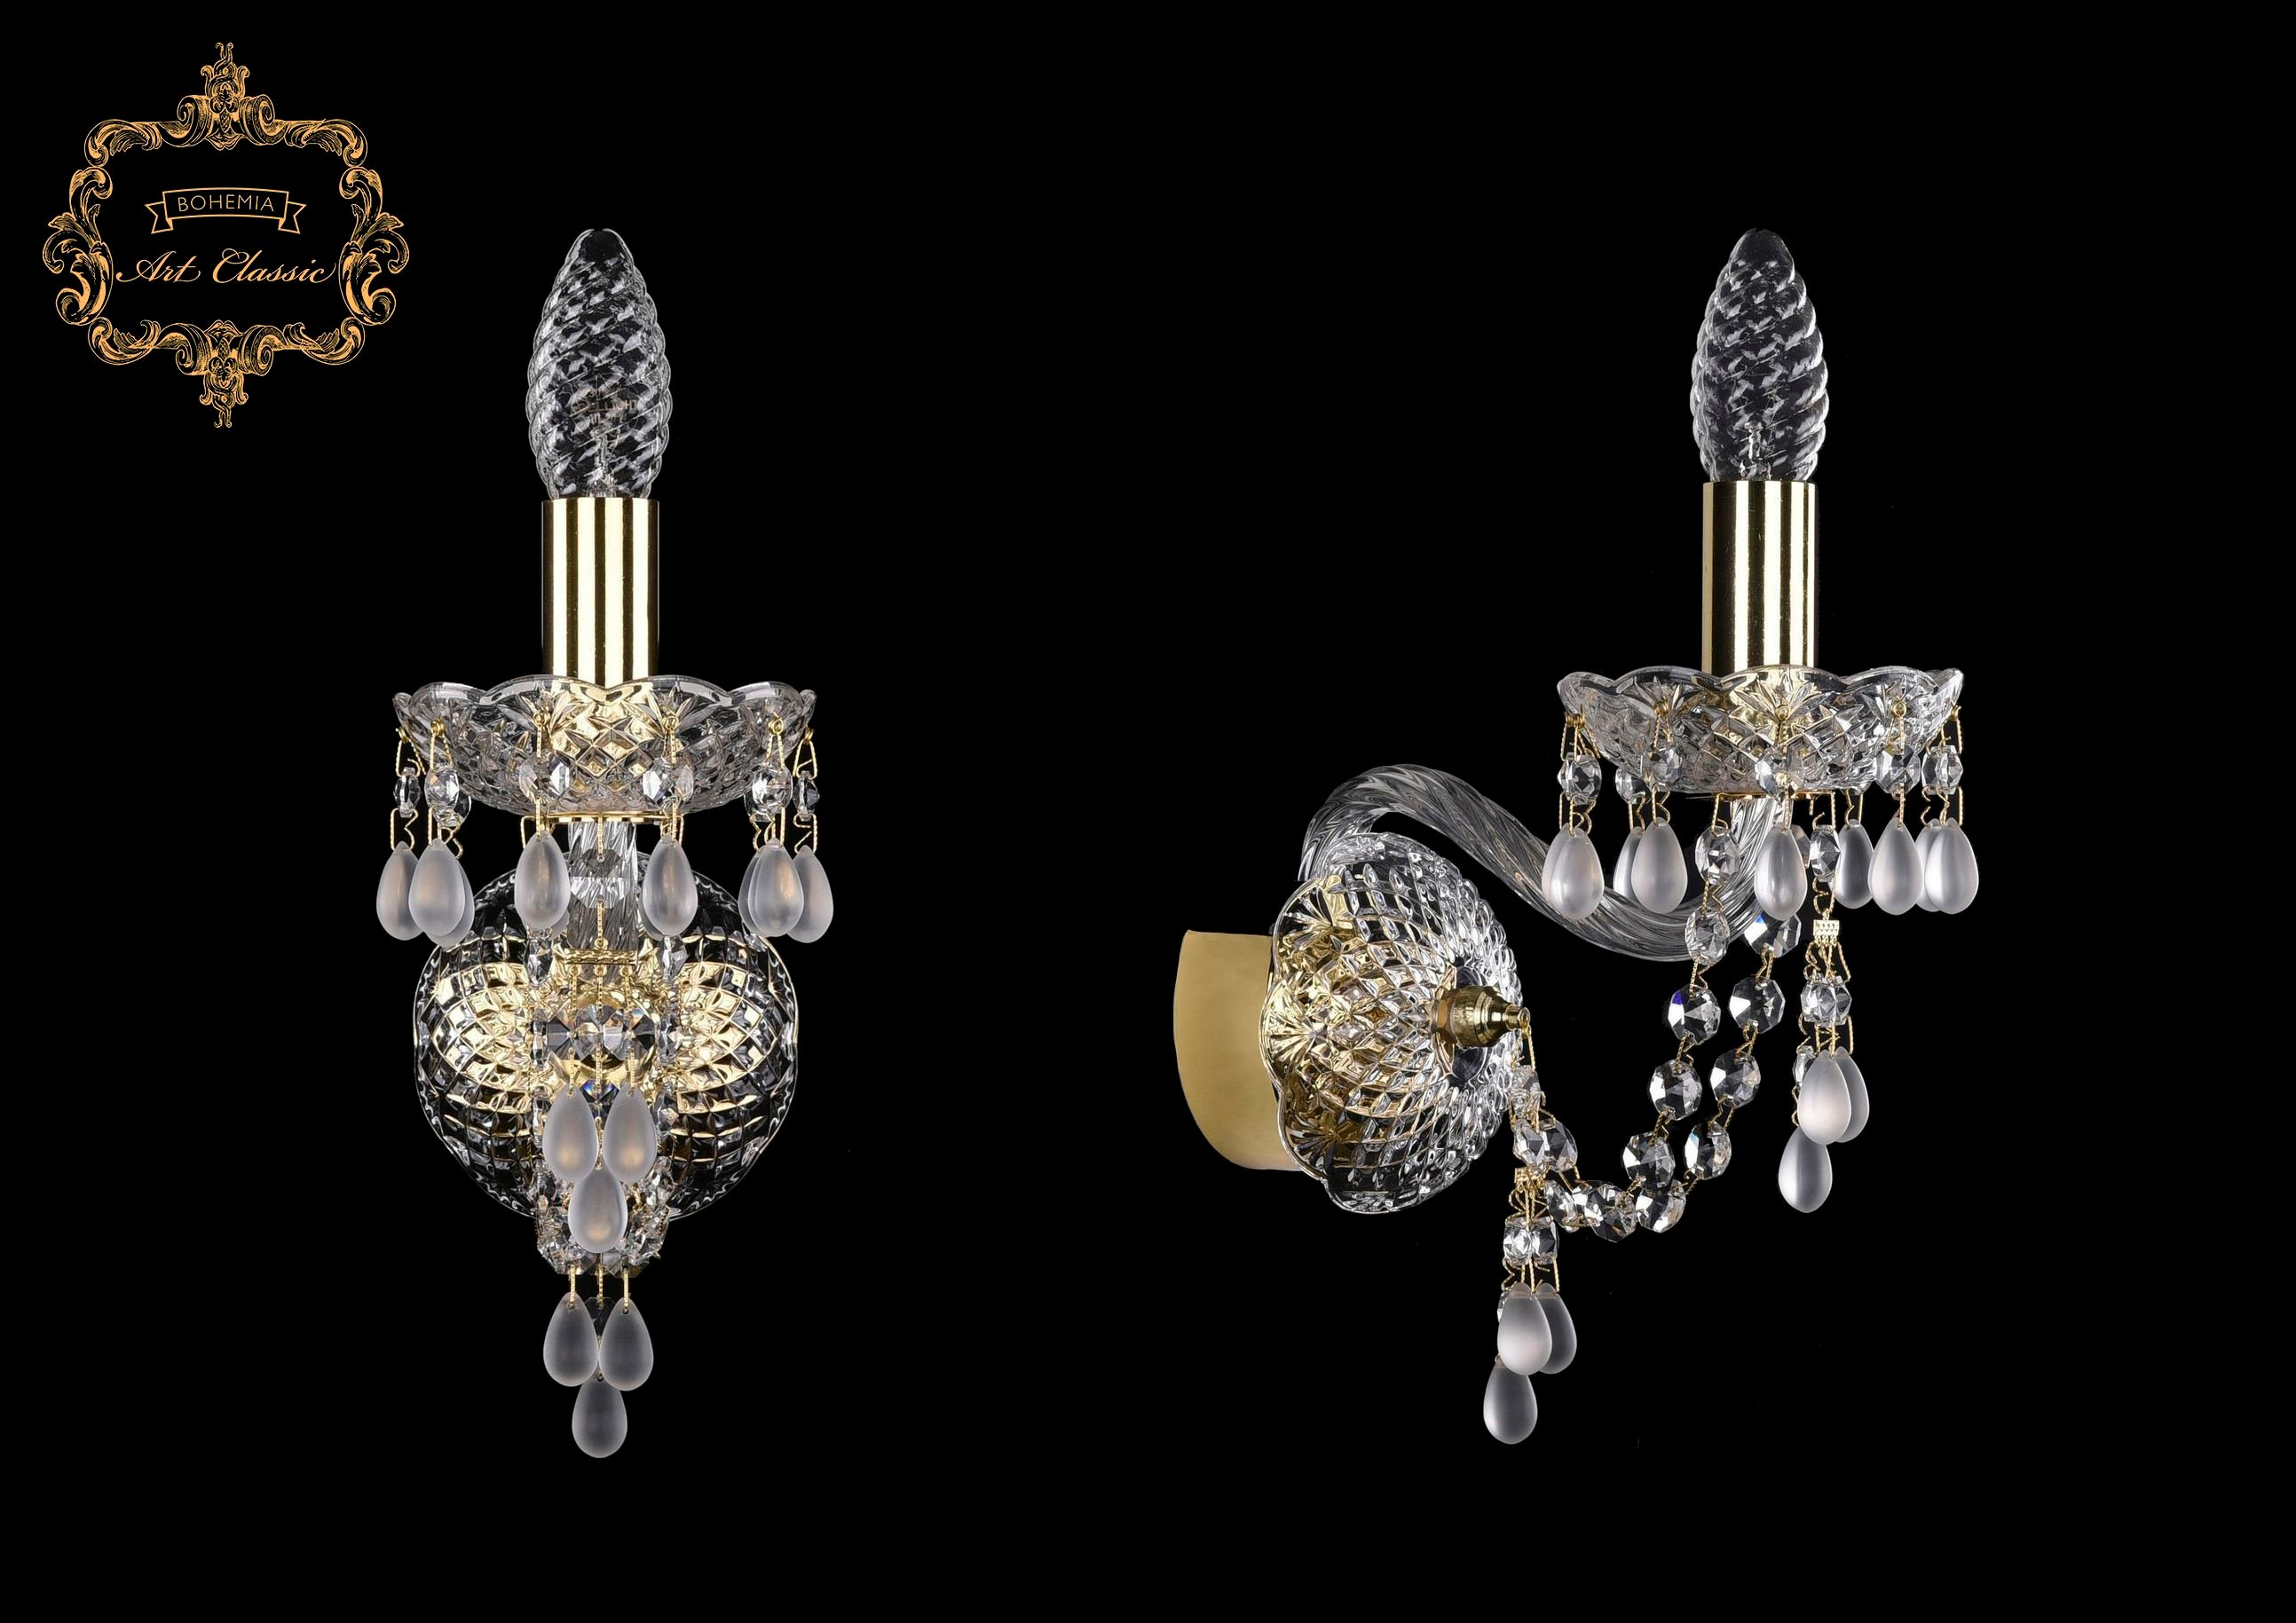 Настенный светильник Bohemia Art Classic 10.24.1.141.Gd.V0300 11.24